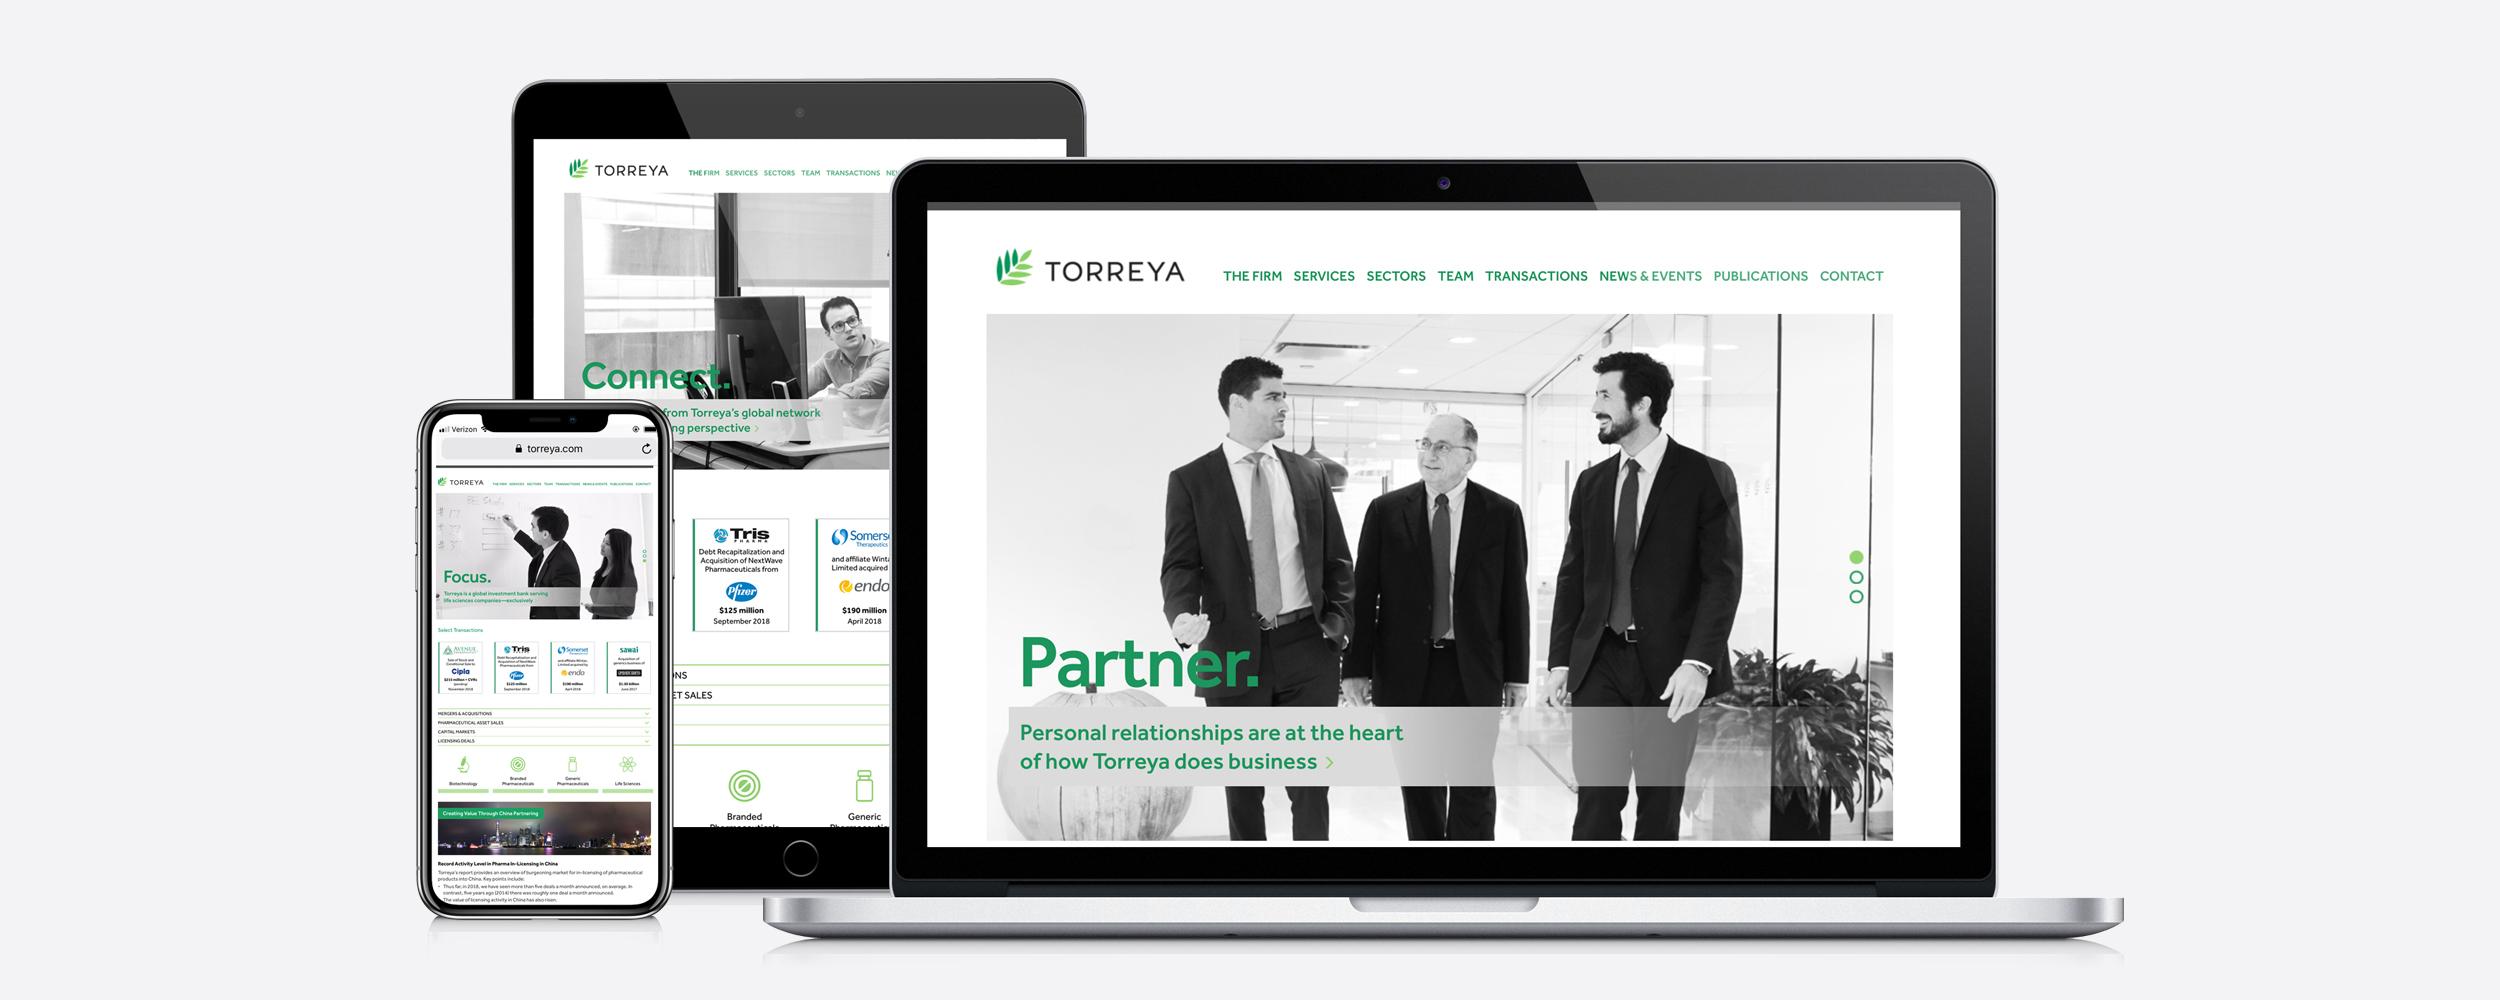 work-project_torreya-web-01.jpg